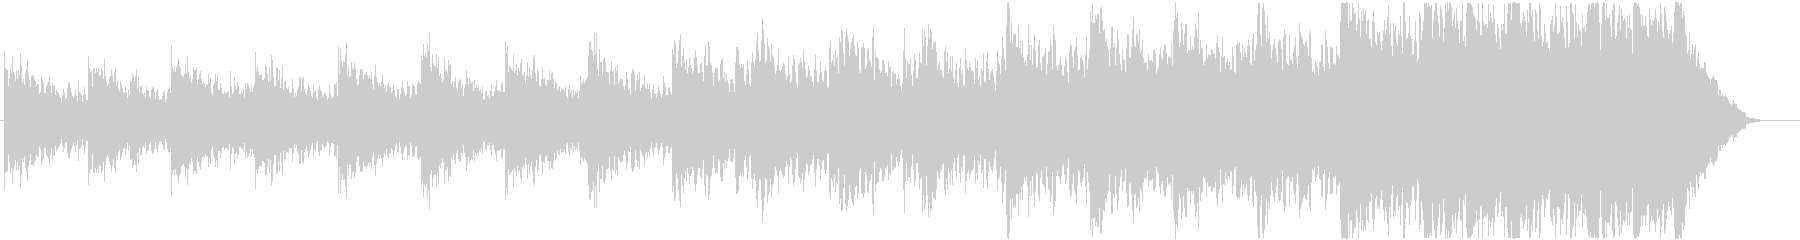 緊迫感のあるシネマティックBGMの未再生の波形